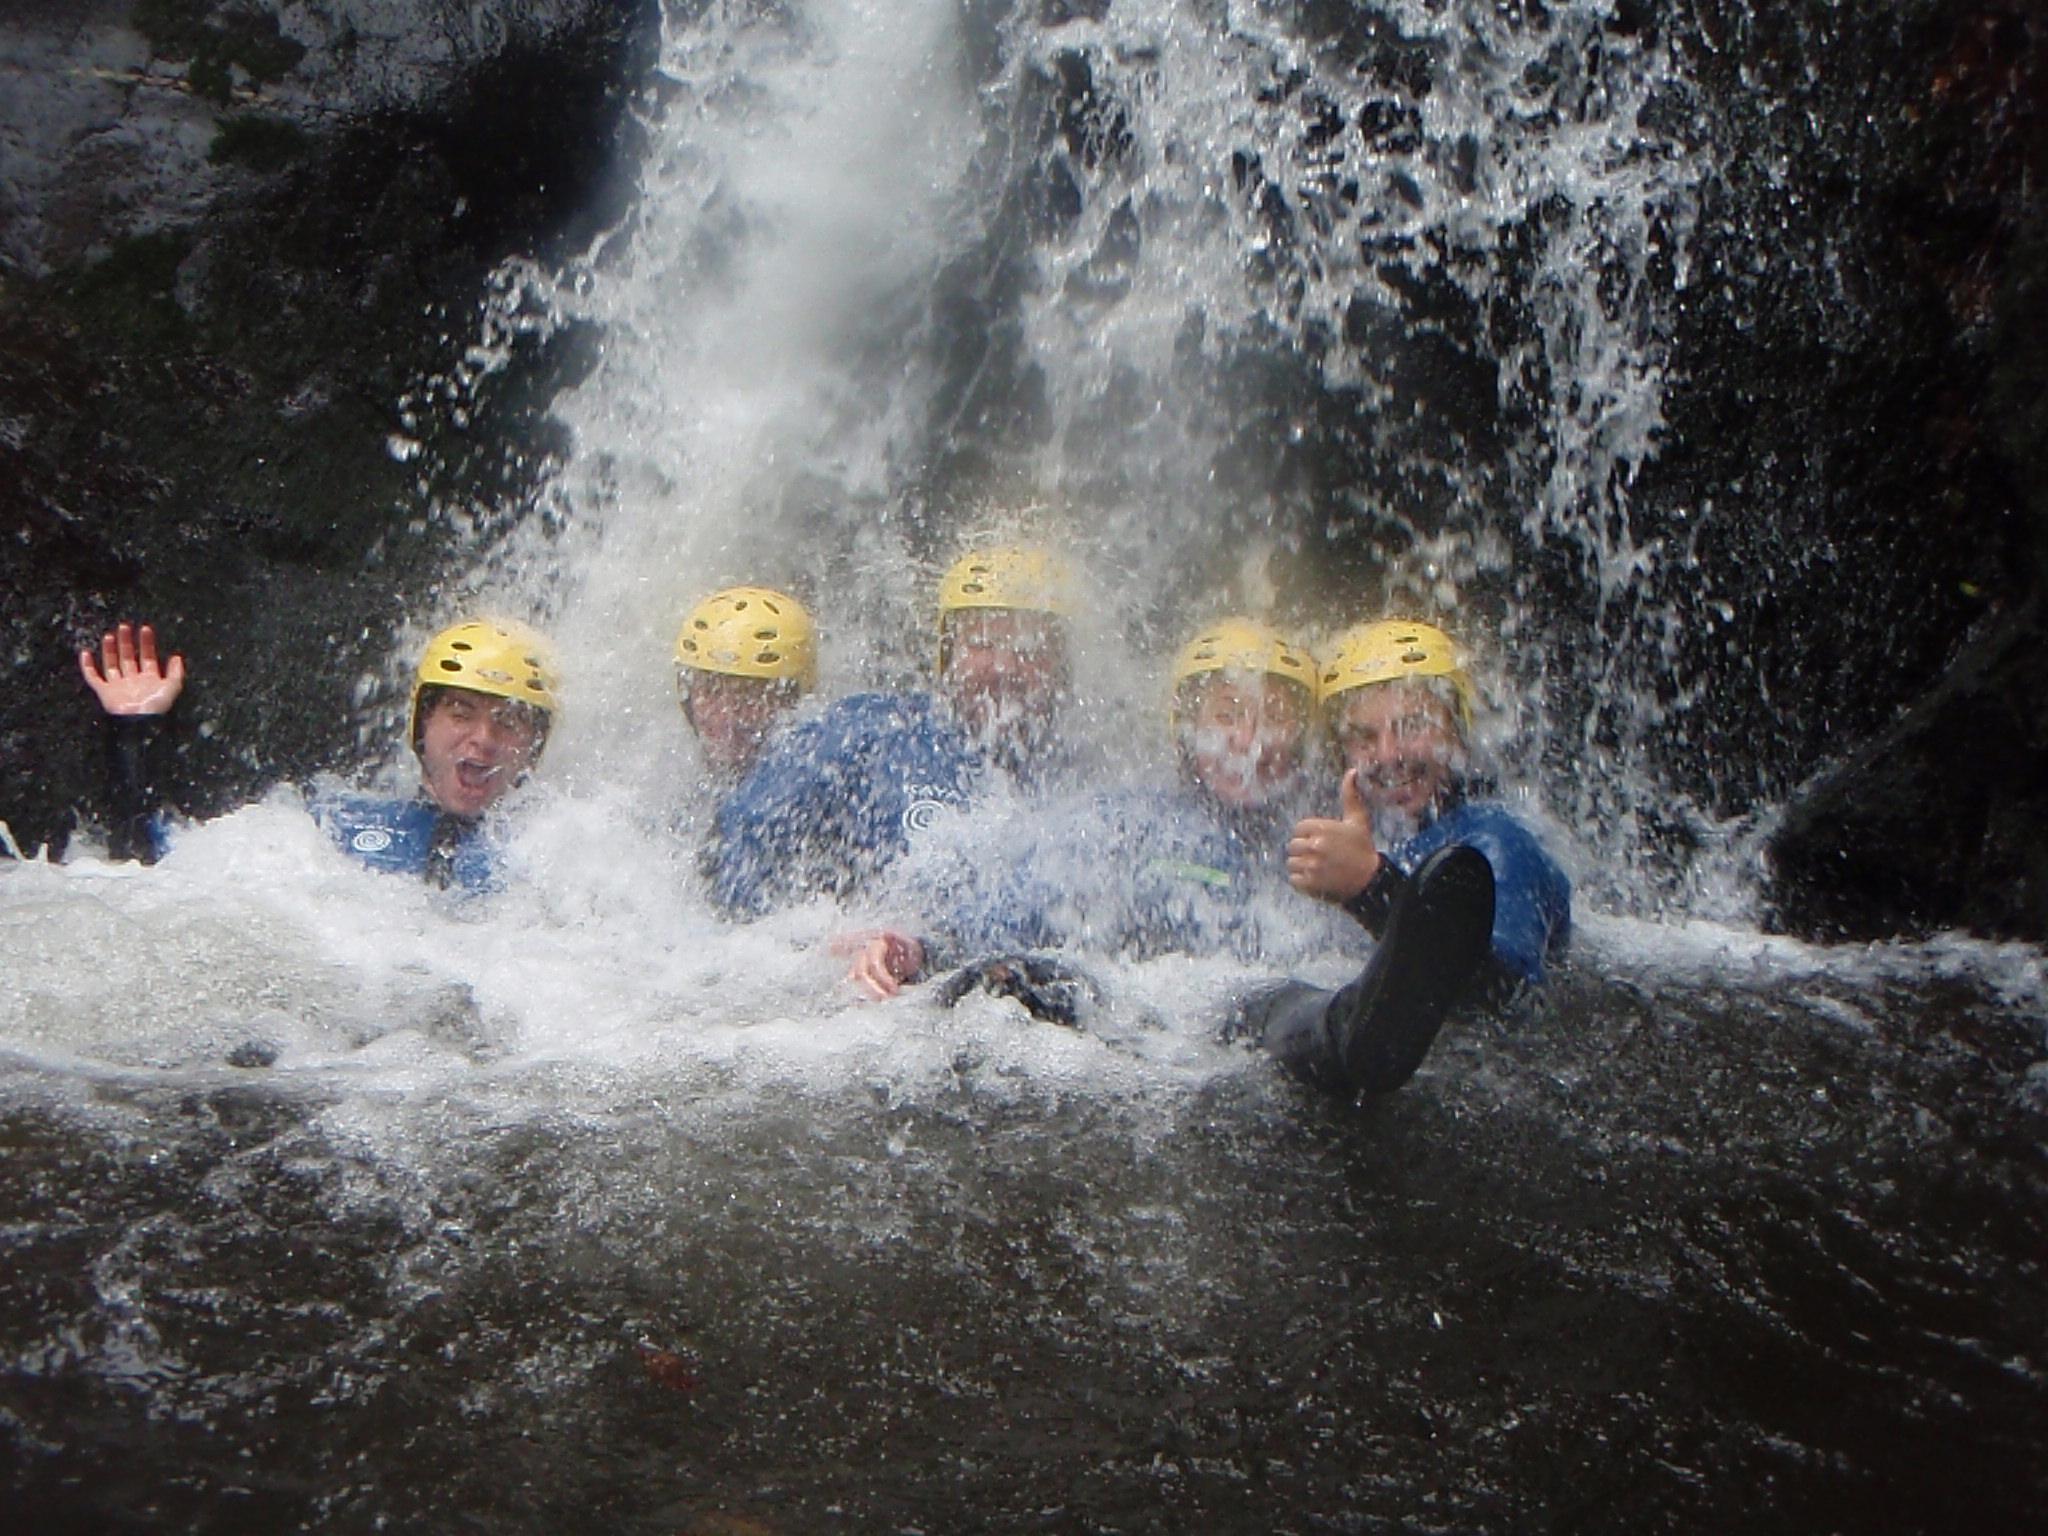 Descubre los deportes de aventura en Galicia más originales y divertidos para pasar un día inolvidable